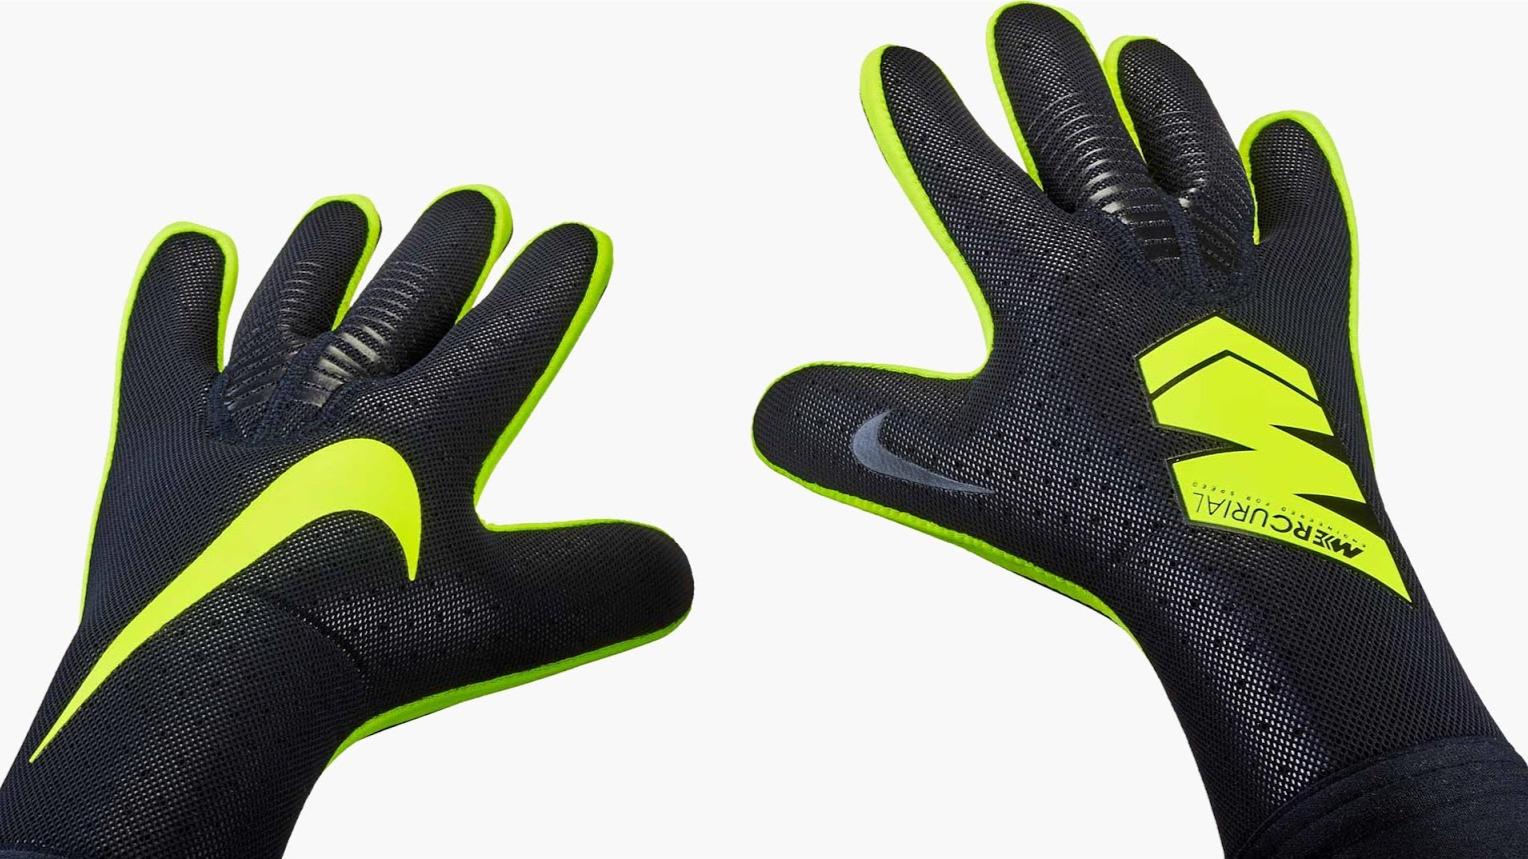 f15ab5cb6e5 Nike s Revolutionary Goalie Gloves Finally Released For The Public ...